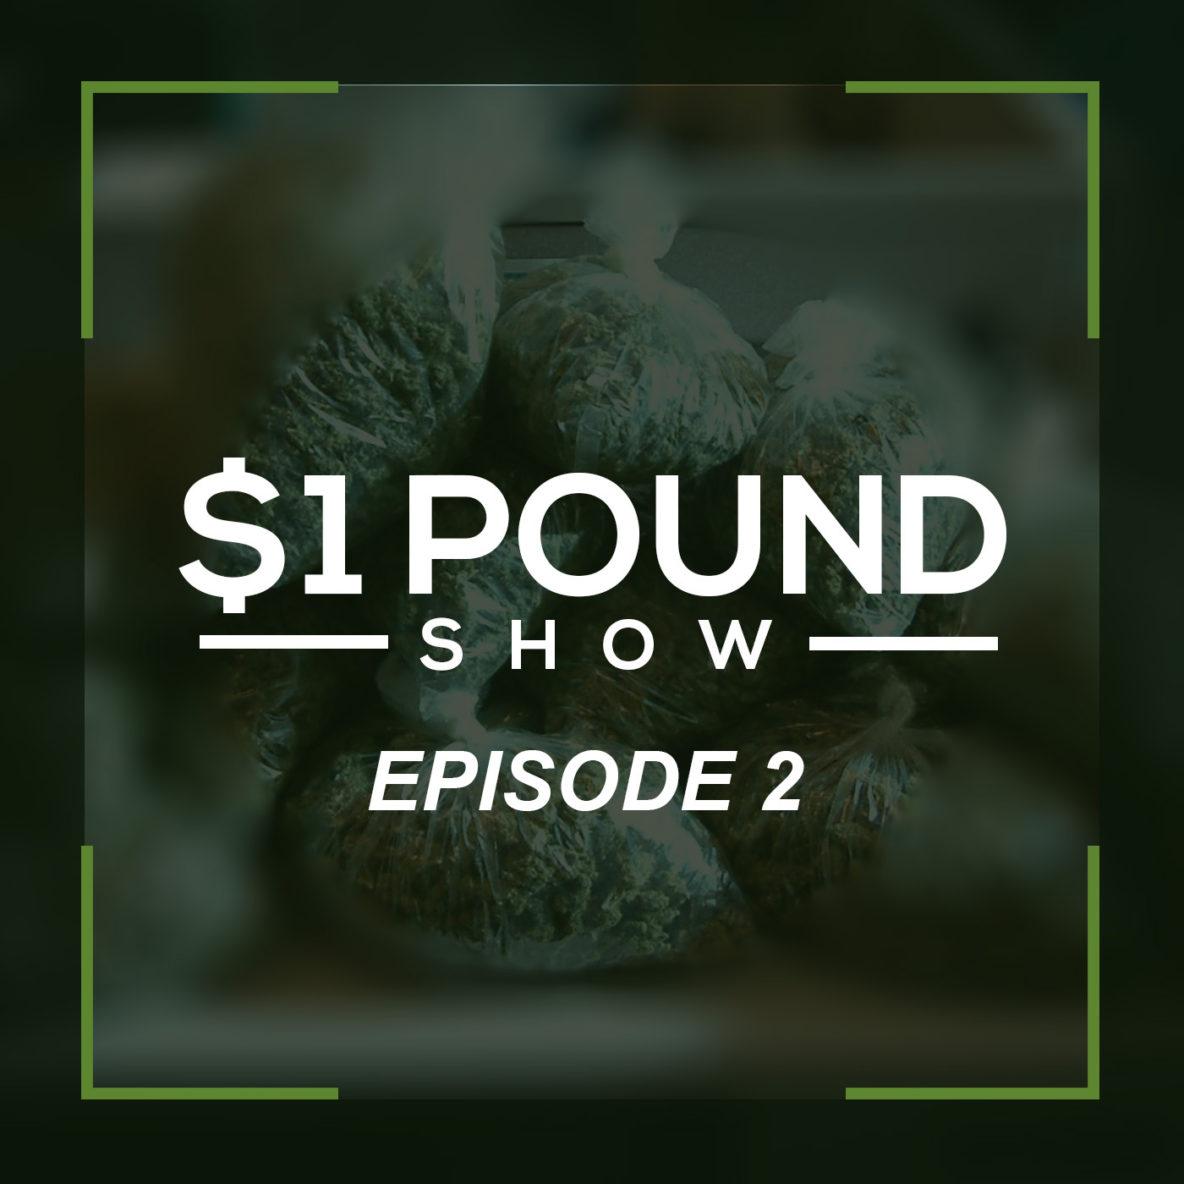 $1 Dollar Pound Episode 2